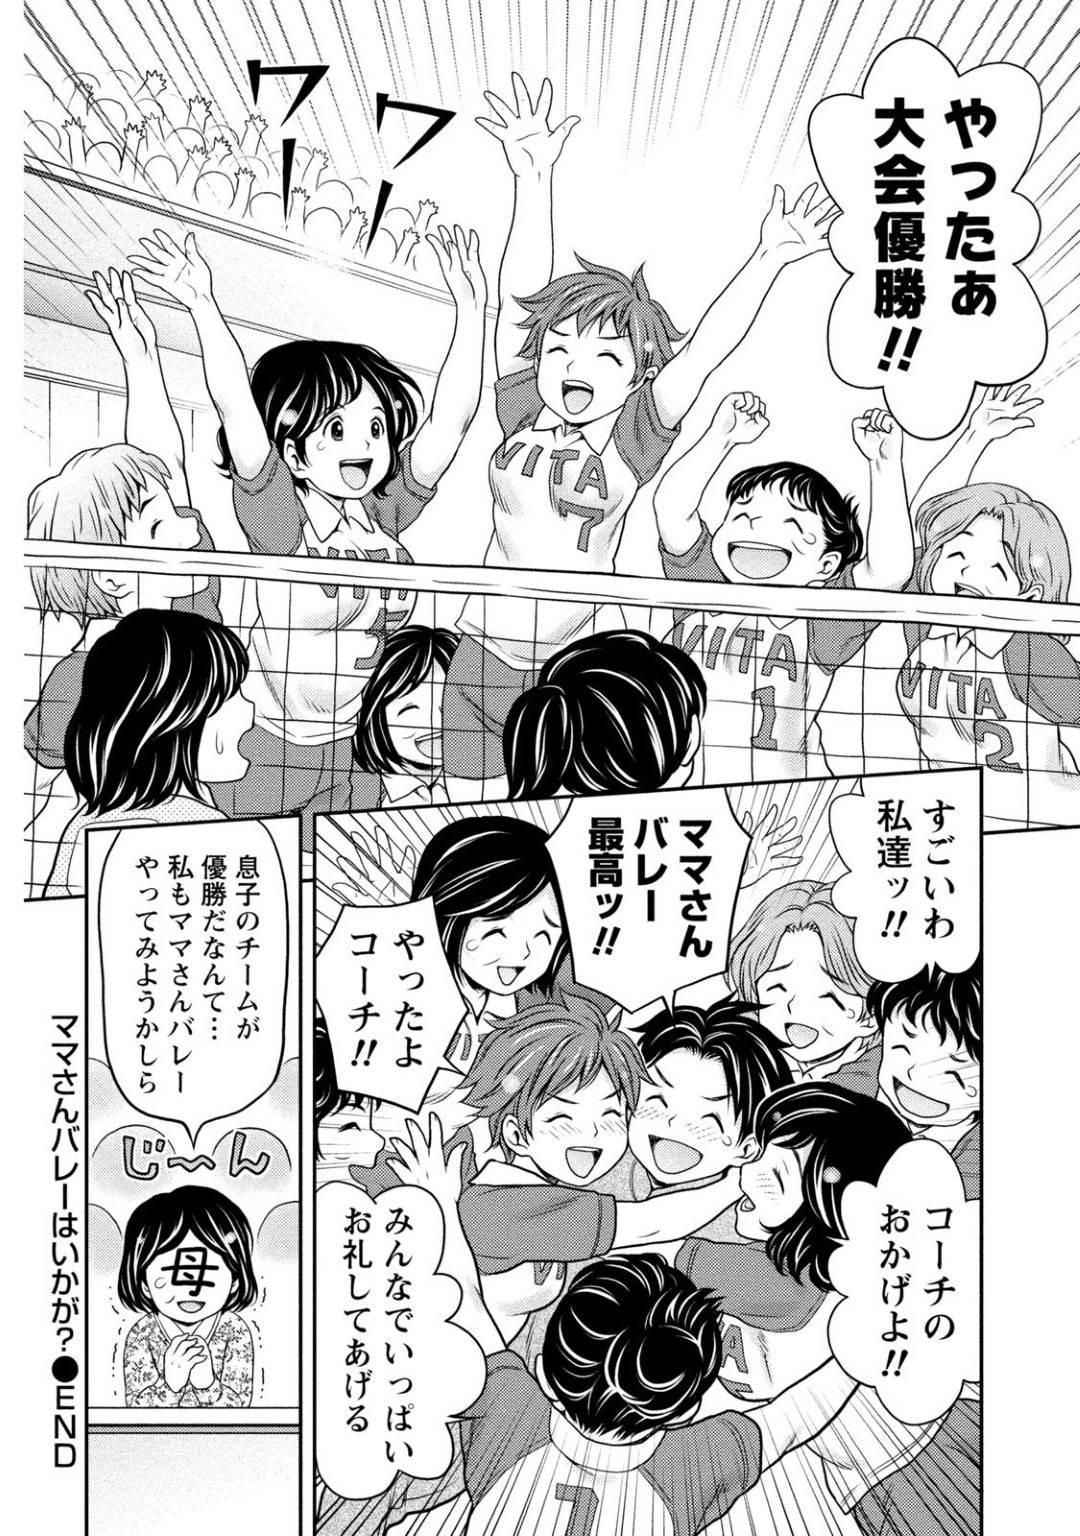 【エロ漫画】若い男性コーチに群がるママさんバレーの女性たち…若い男コーチに群がったりからかう人が多い中、離婚で旦那がいない女性2人を抱くことになりシャワー室で3P!2人に中出し!【あきなお】